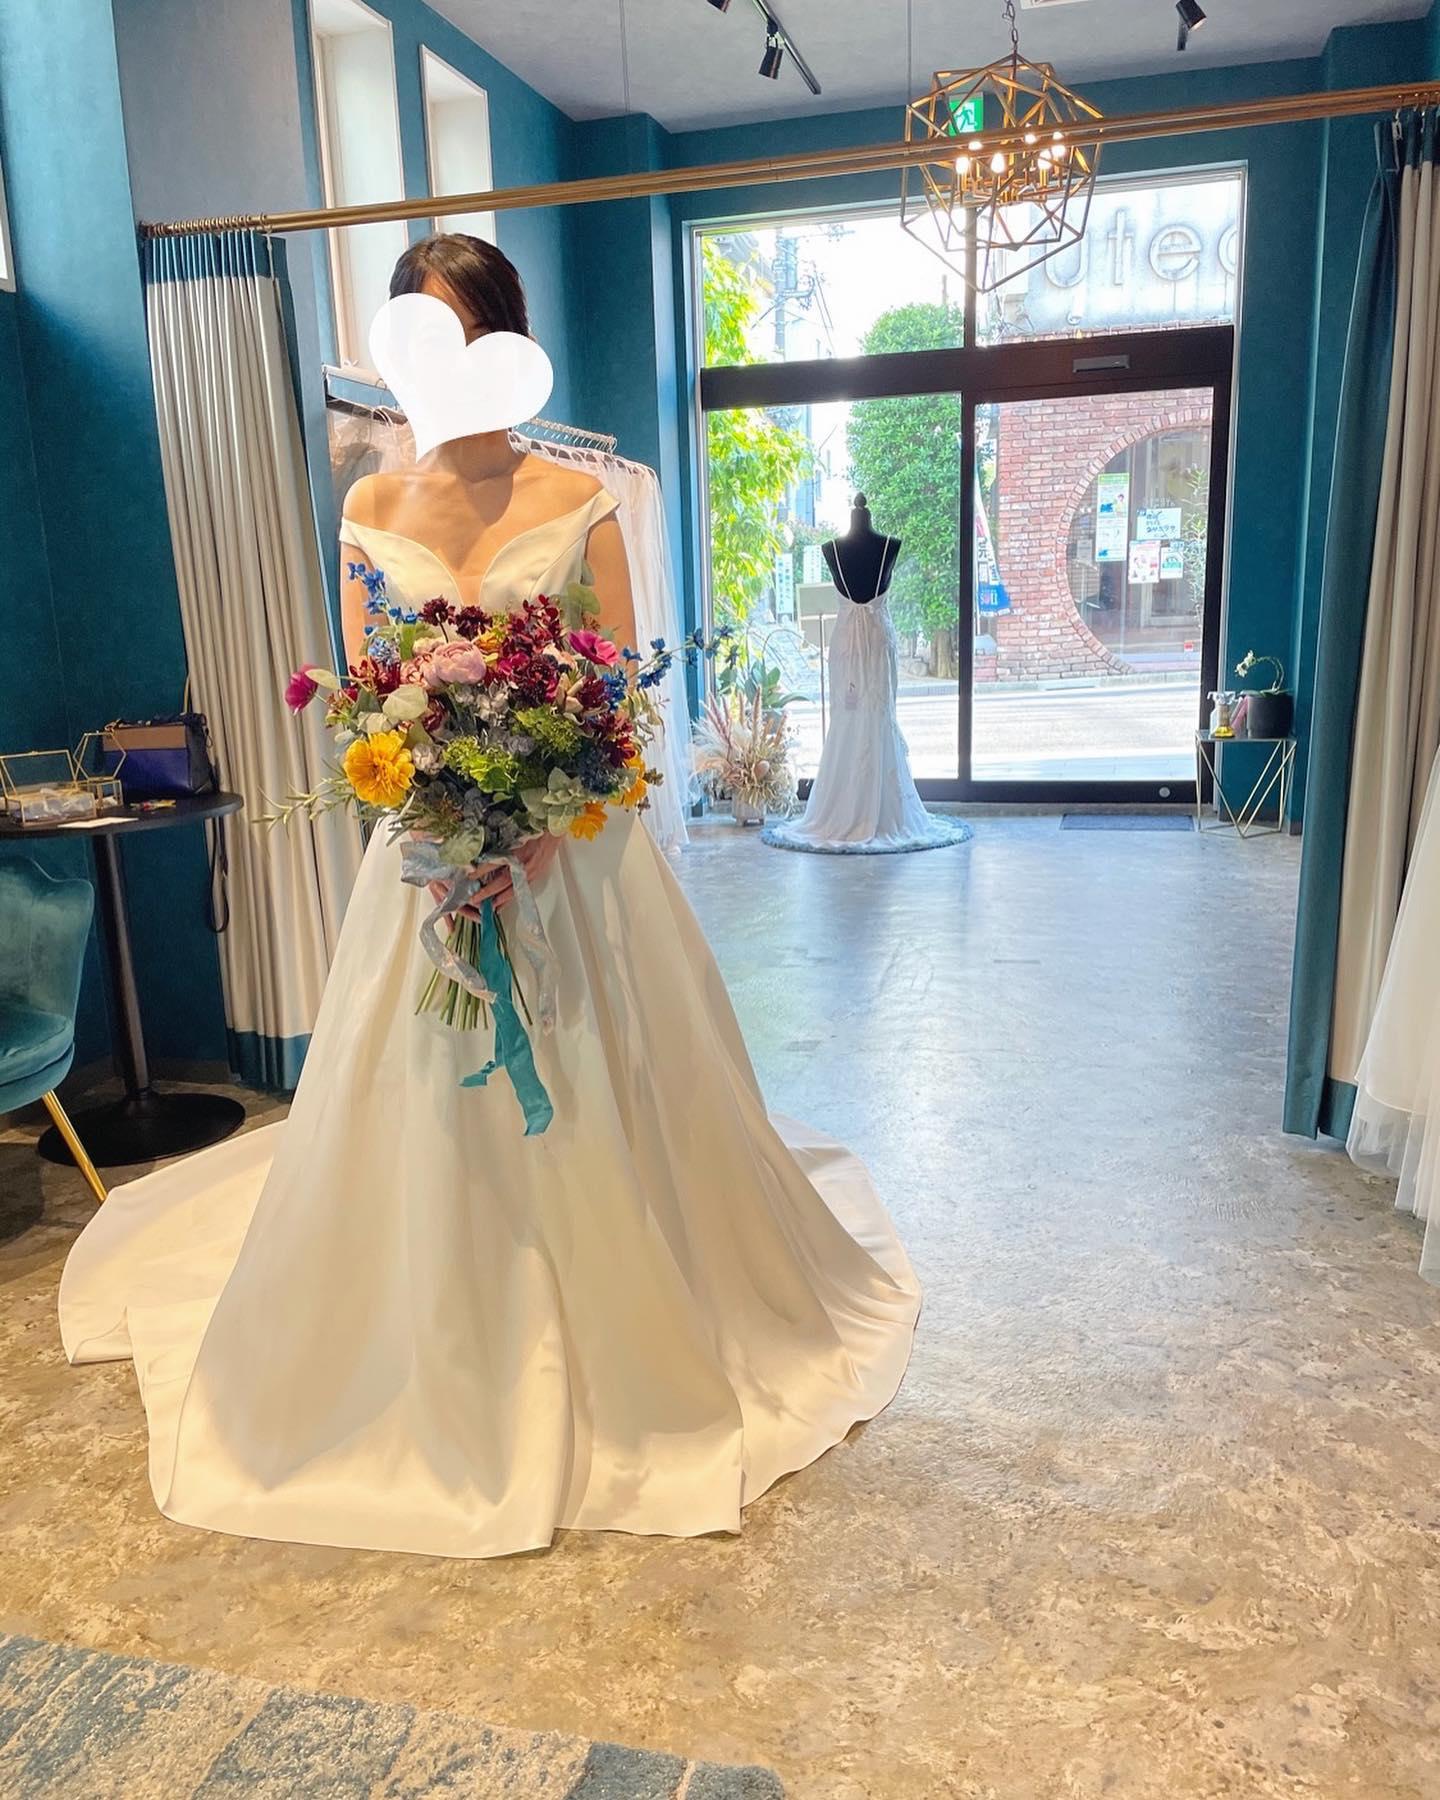 """・本日のご試着のお客様🕊・ミカドシルクの光沢が本当に美しい気品溢れるクラシックさが特徴の一着・フロントの深く開いたVカットが、上半身をスッキリと魅せてくれますバックスタイルのデザインとのギャップも素敵大人のクラス感高まるドレスはご予定されている東京會舘さまにもピッタリです・""""ISPAHAN""""購入価格:¥360,000・#wedding #weddingdress #instagood #instalike #claras #paris #ウェディングドレス #プレ花嫁 #ドレス試着 #ドレス迷子#2021冬婚 #ヘアメイク #結婚式  #ドレス選び #前撮り #インポートドレス #フォトウェディング #ウェディングヘア  #フォト婚 #ニューノーマル #ブライダルフォト #カップルフォト #ウェディングドレス探し #ウェディングドレス試着 #セルドレス #ドレスショップ  #クラシカルドレス #東京會舘 #ミカドシルク"""